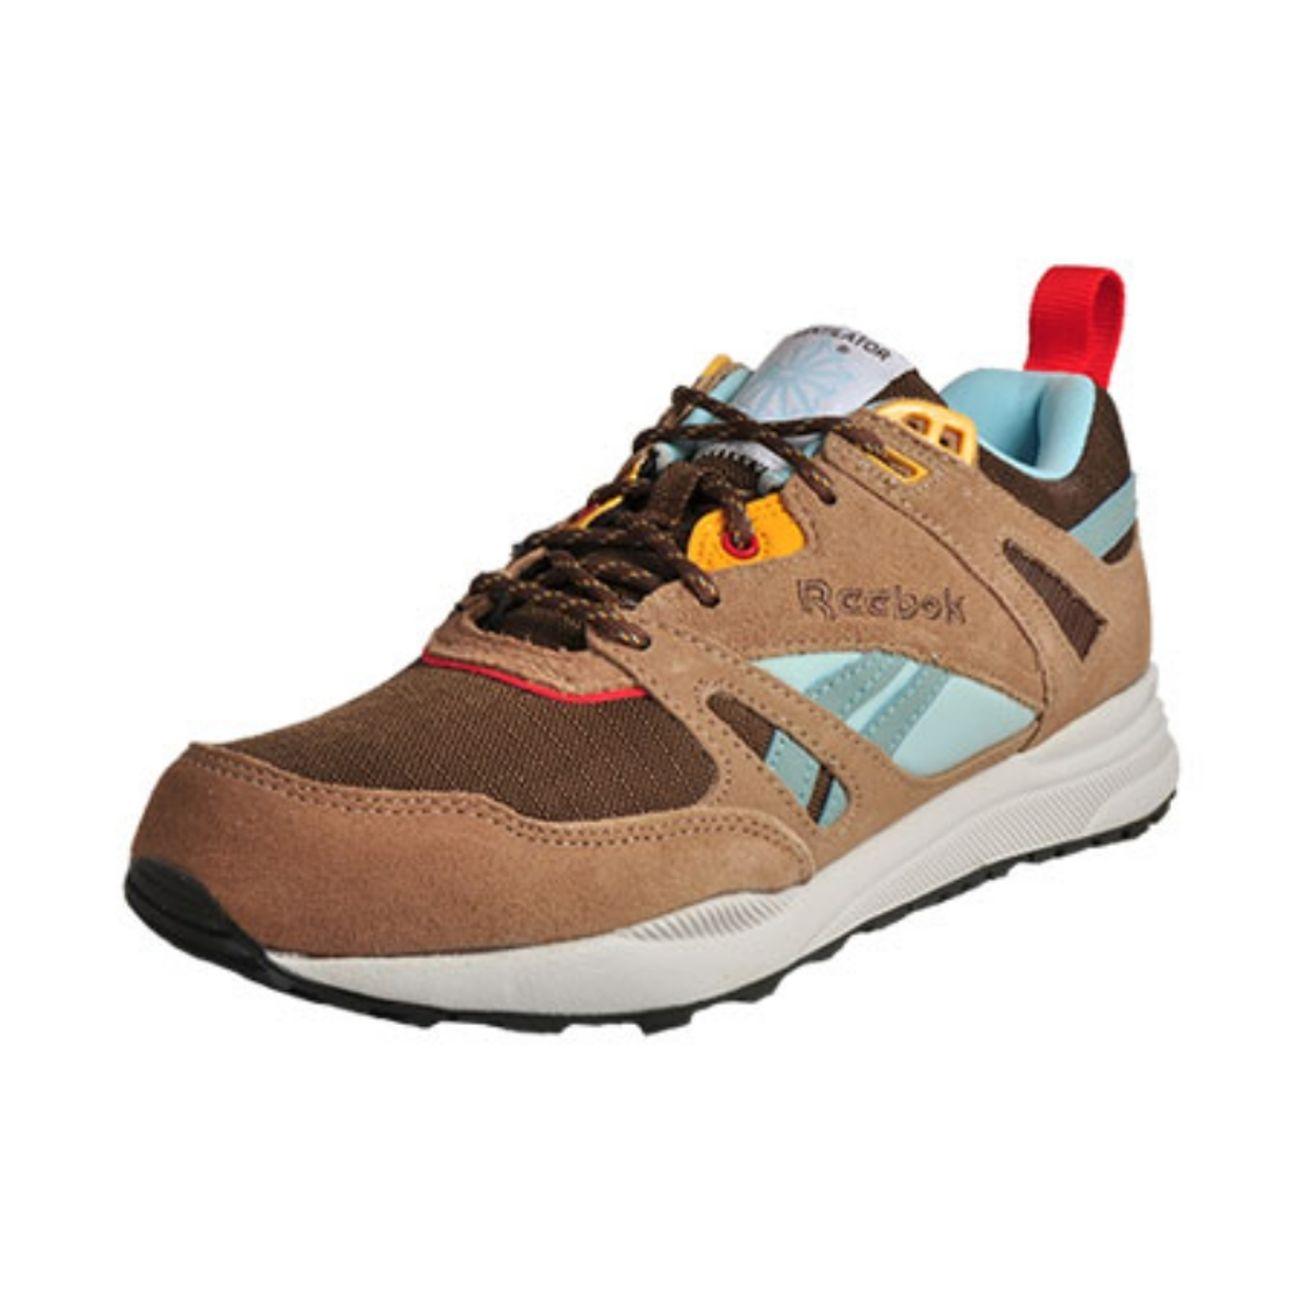 9112043b72c18 running femme REEBOK Reebok Ventilator Hexalite Femmes Chaussures De  Running Baskets Sportives ...